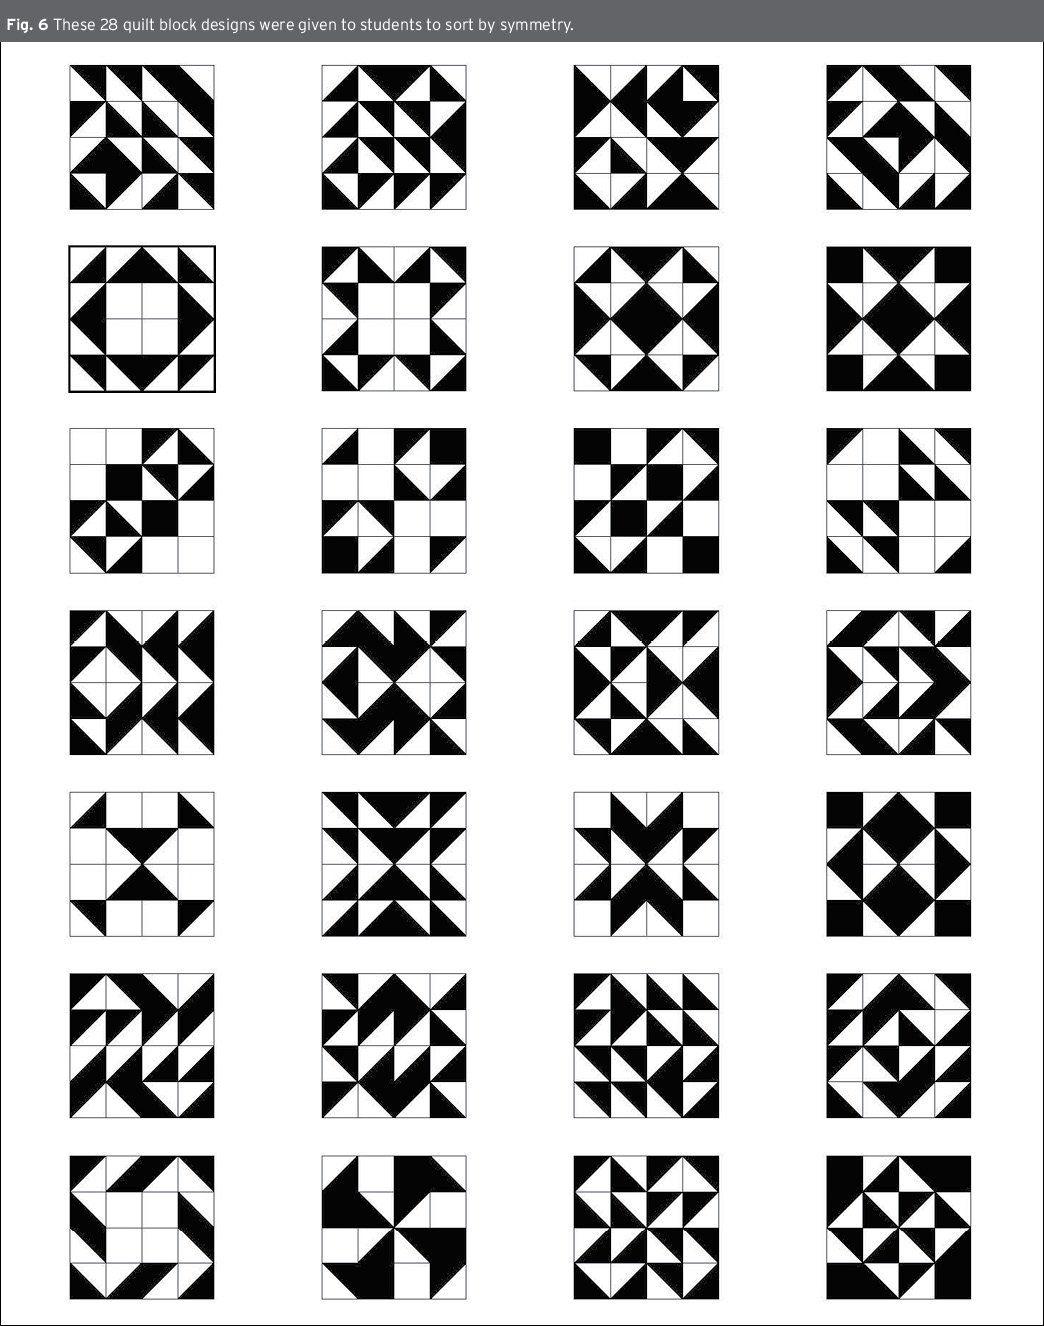 Quilt Block Symmetries